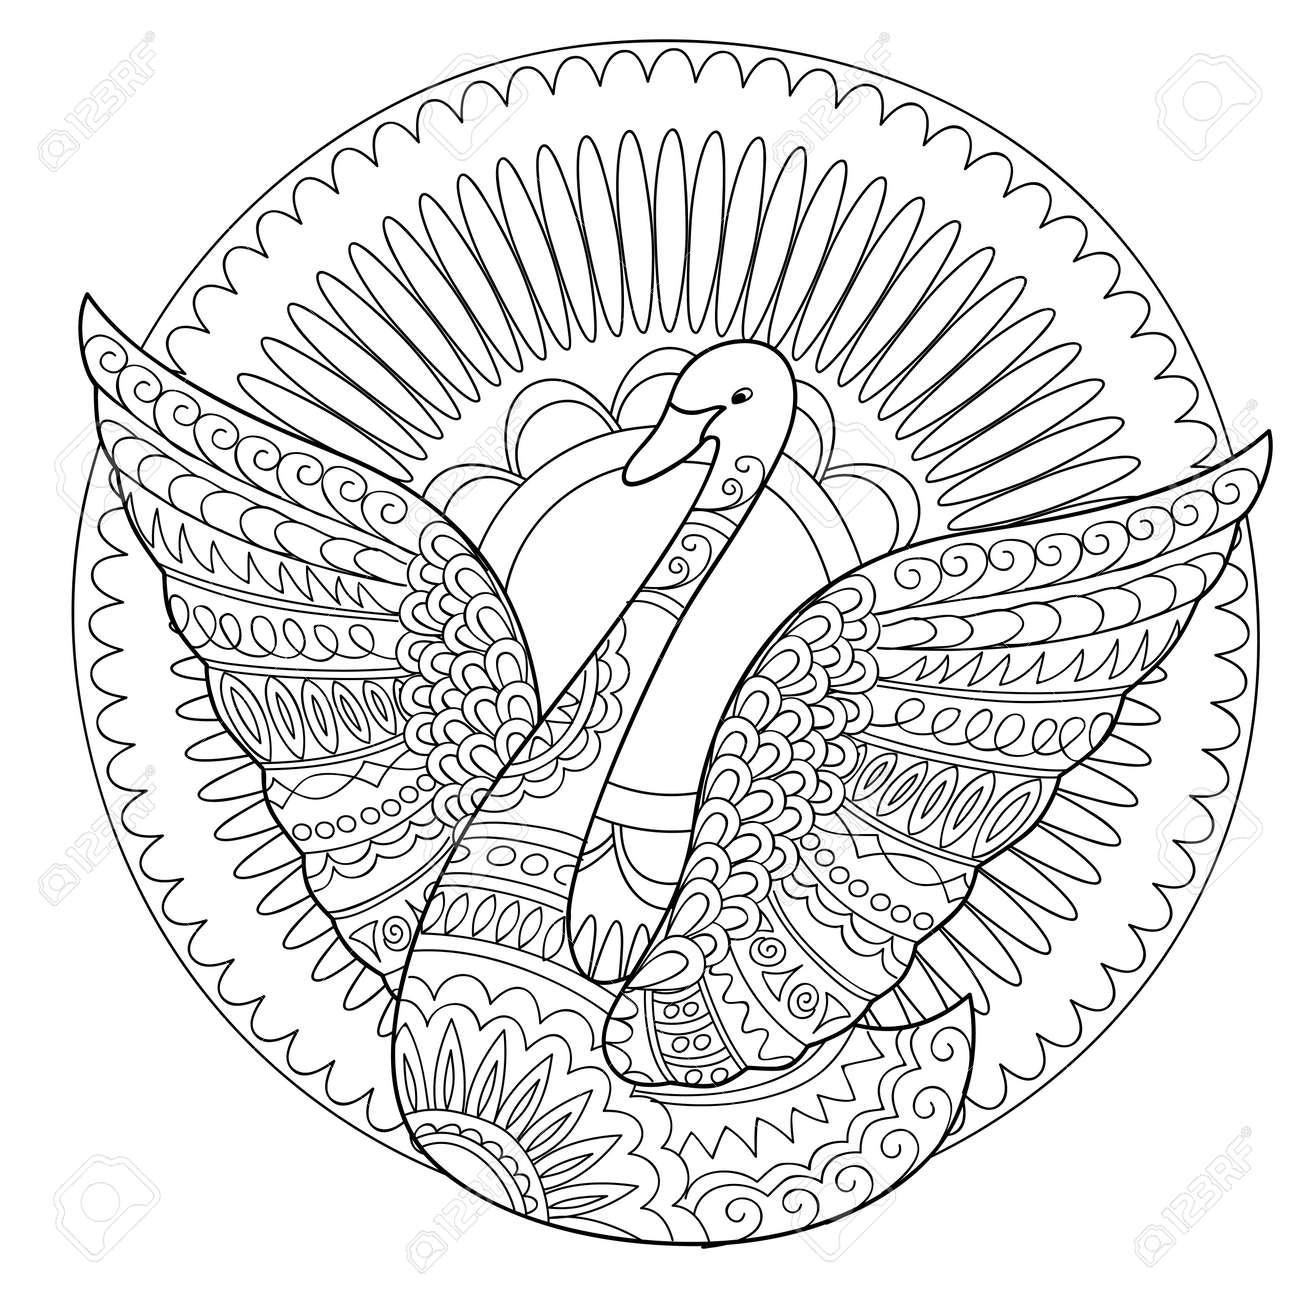 Dibujado A Mano Cisne Decorado Con Mandala Aislado En Blanco. Estilo ...